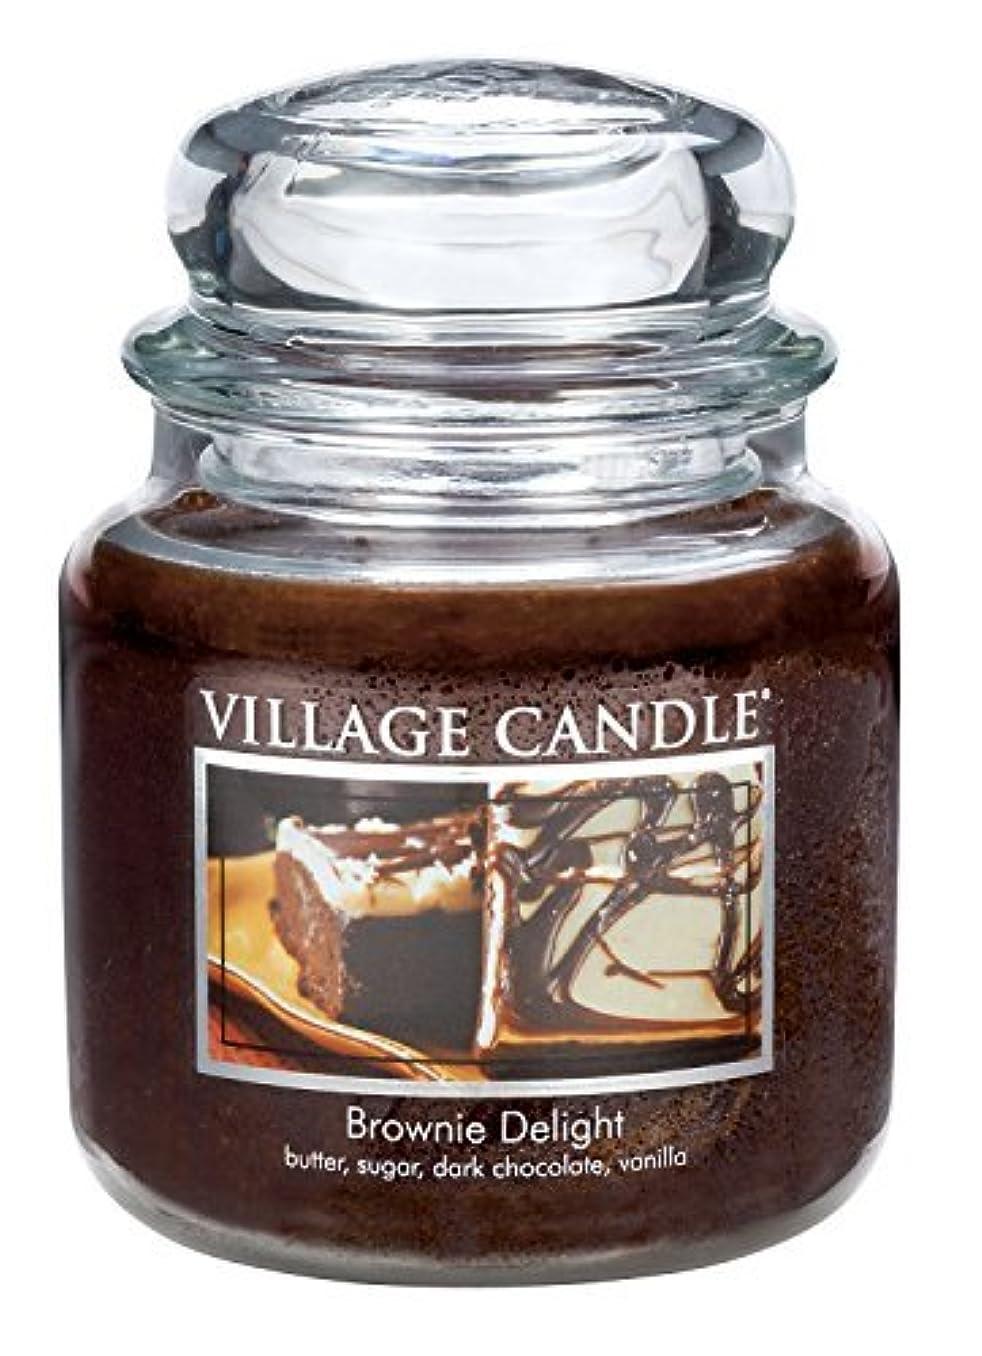 欲求不満文明化ユーザーVillage Candle Brownie Delight 16 oz Glass Jar Scented Candle Medium [並行輸入品]